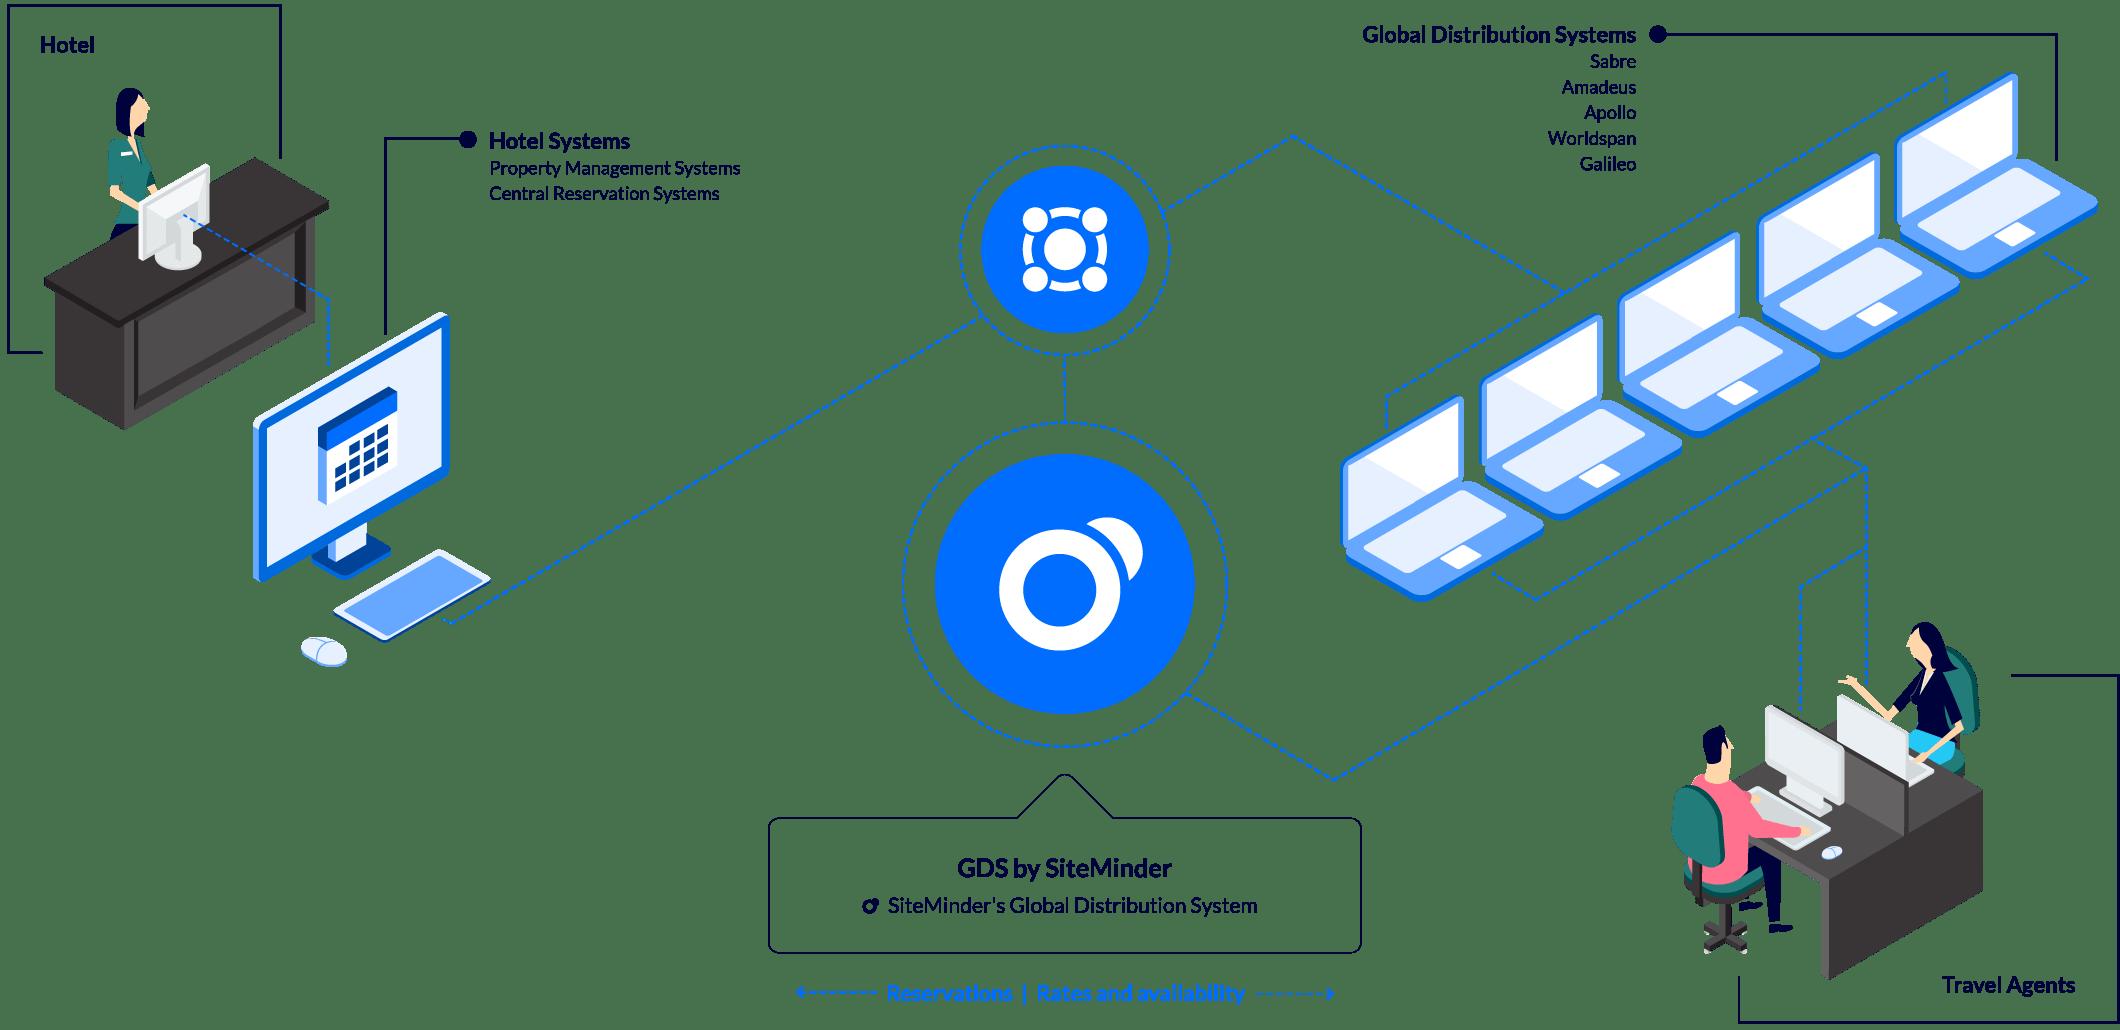 SiteMinder's Global Distribution System